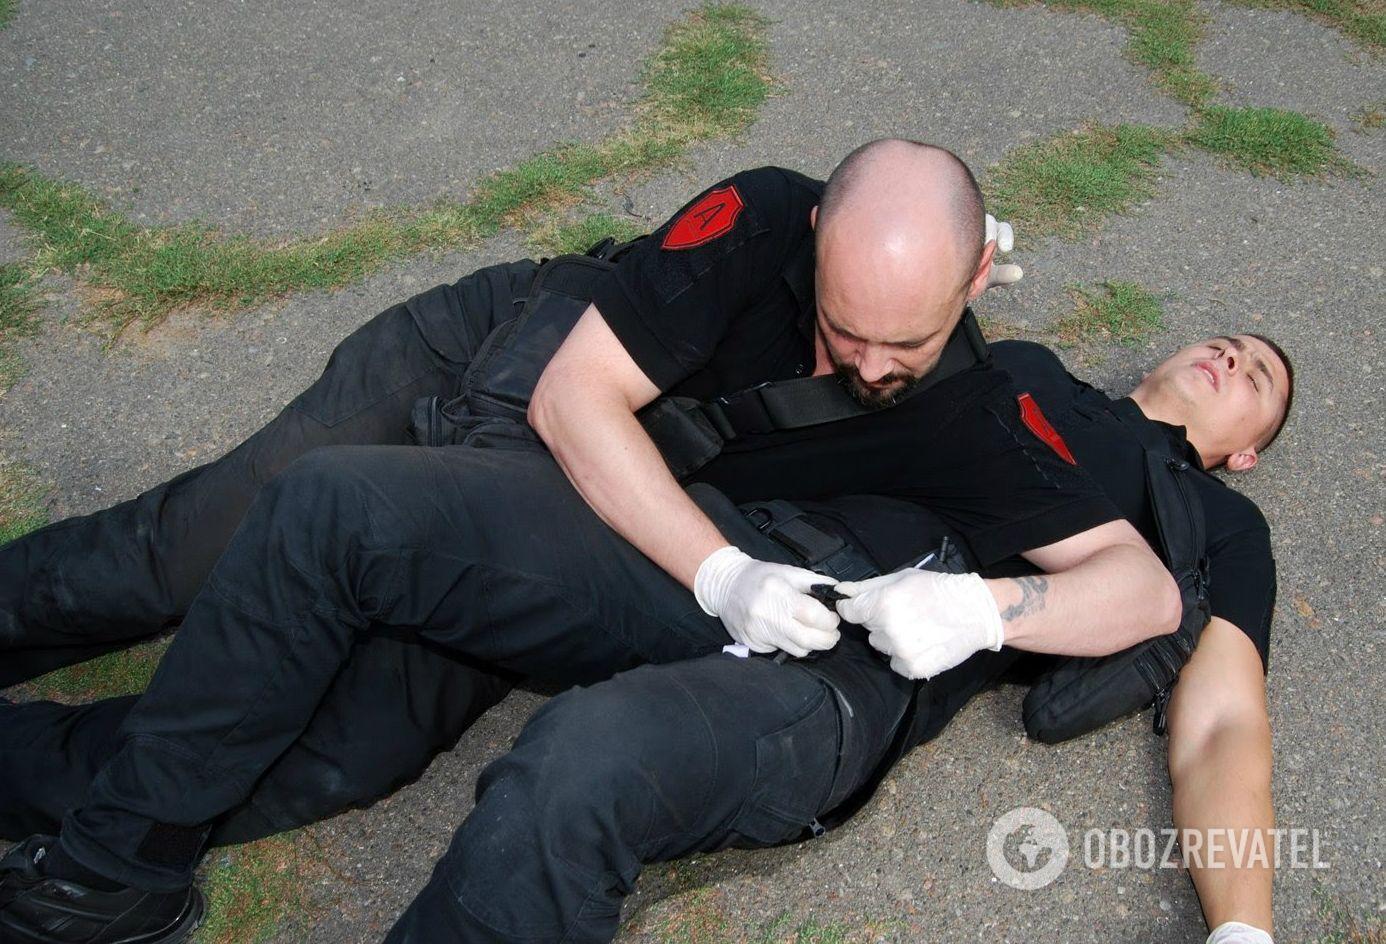 Телохранитель должен уметь оказать первую домедицинскую помощь